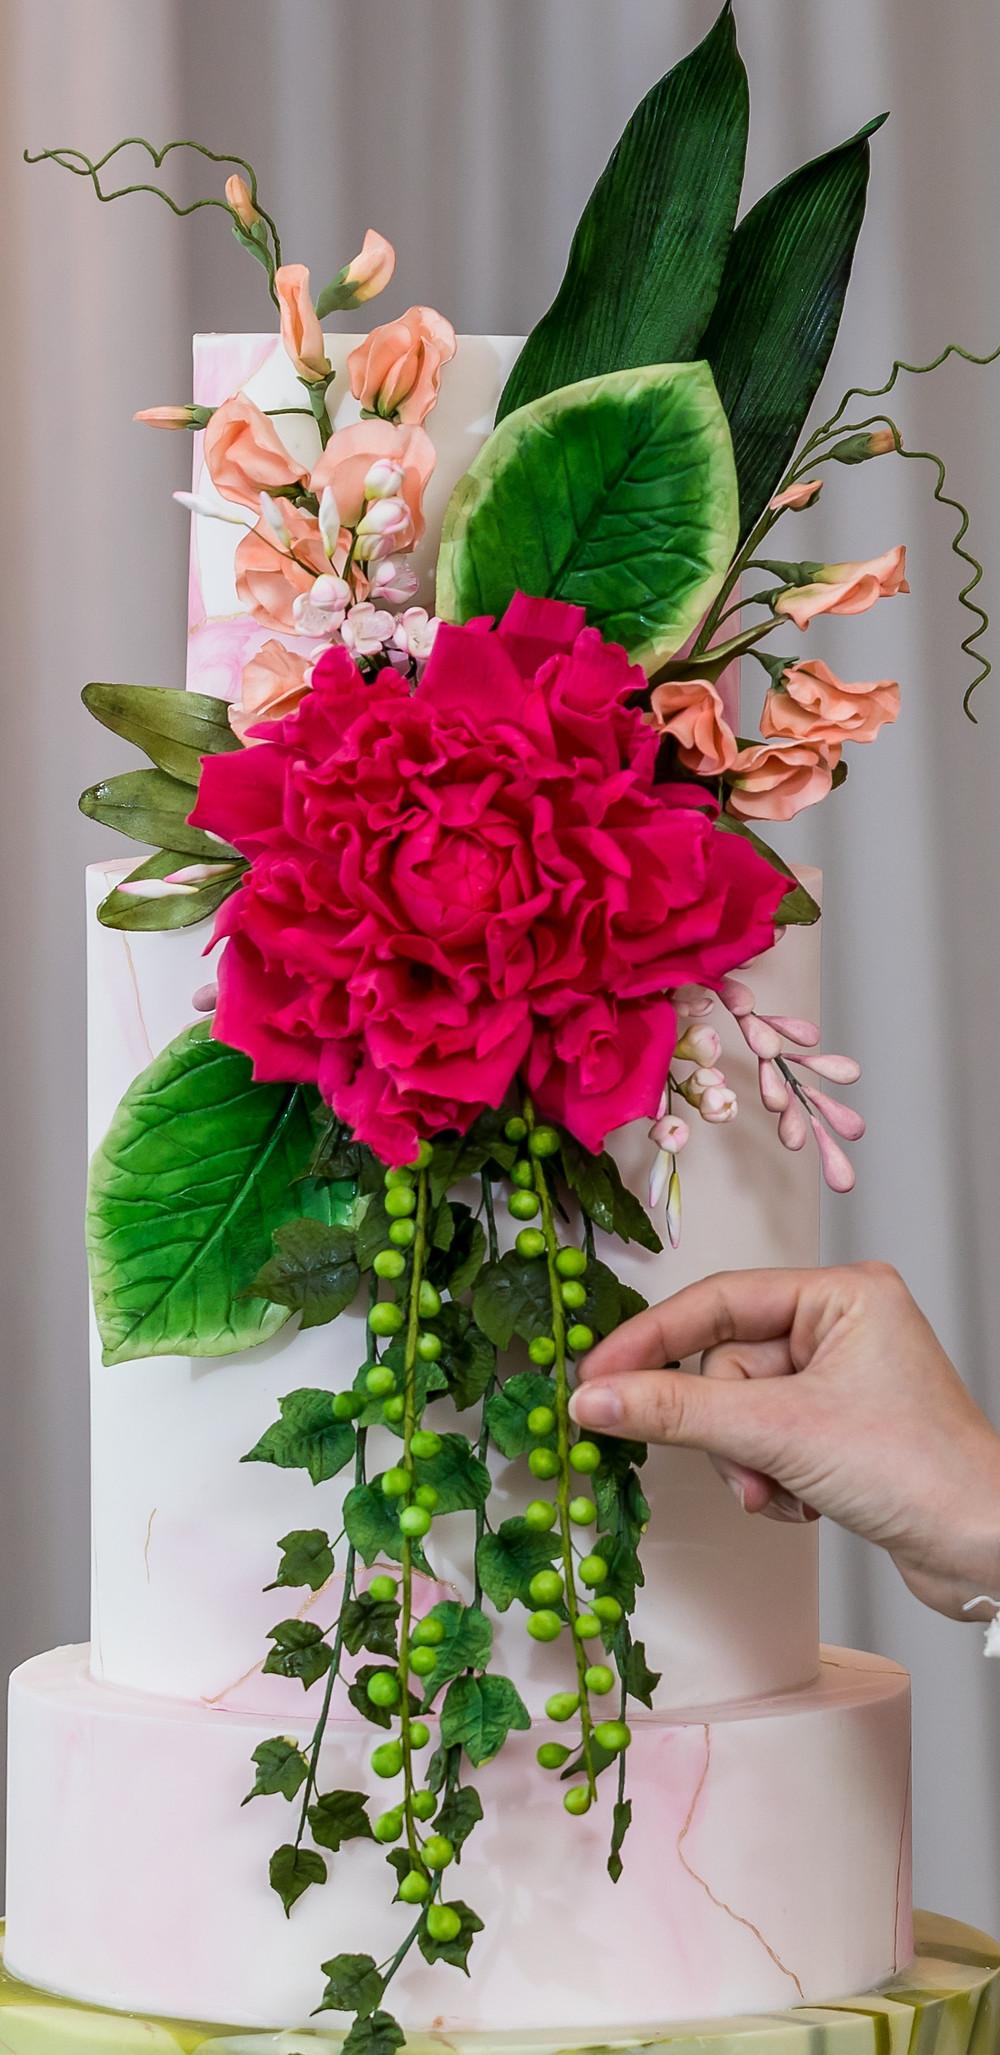 Edible Gumpaste Flowers and Edible Gumpaste Foliage